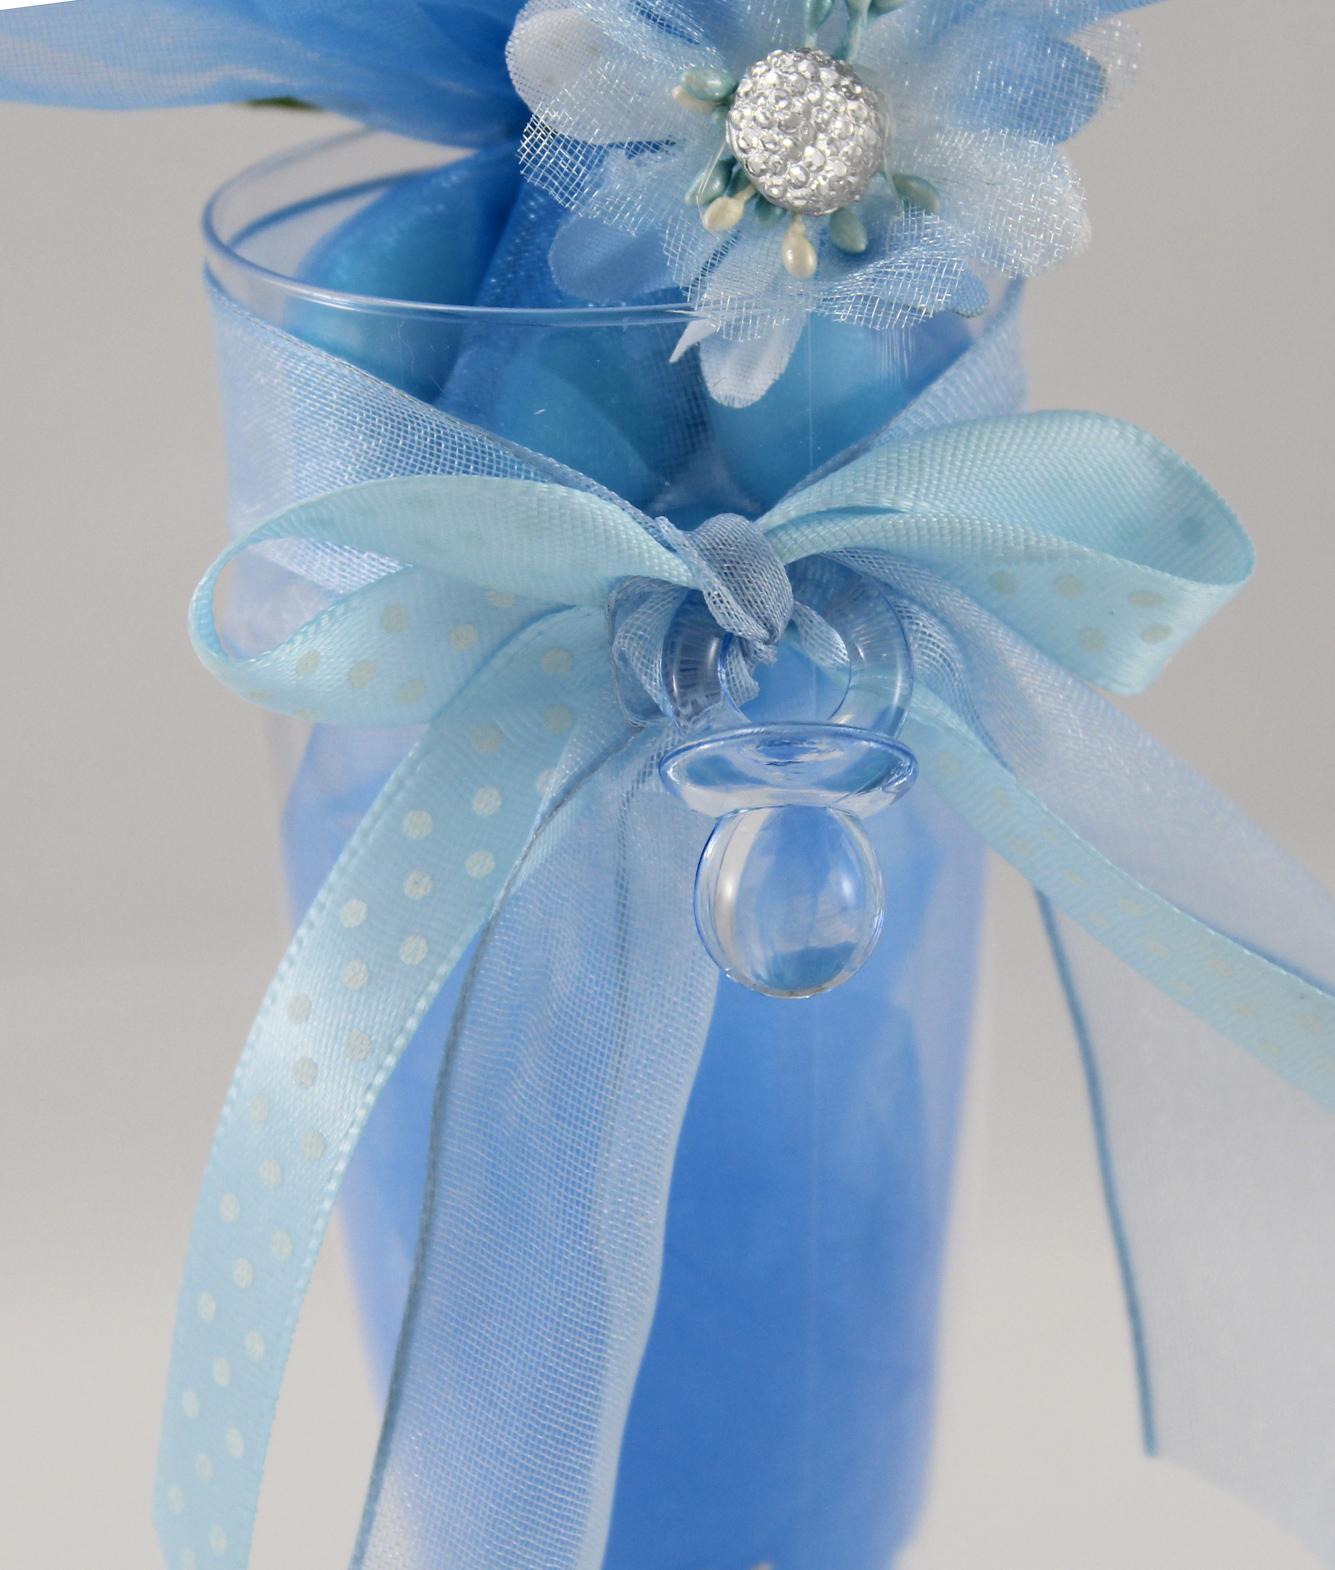 Segnaposto Matrimonio Azzurro : Colore matrimonio serenity organizzazione matrimonio